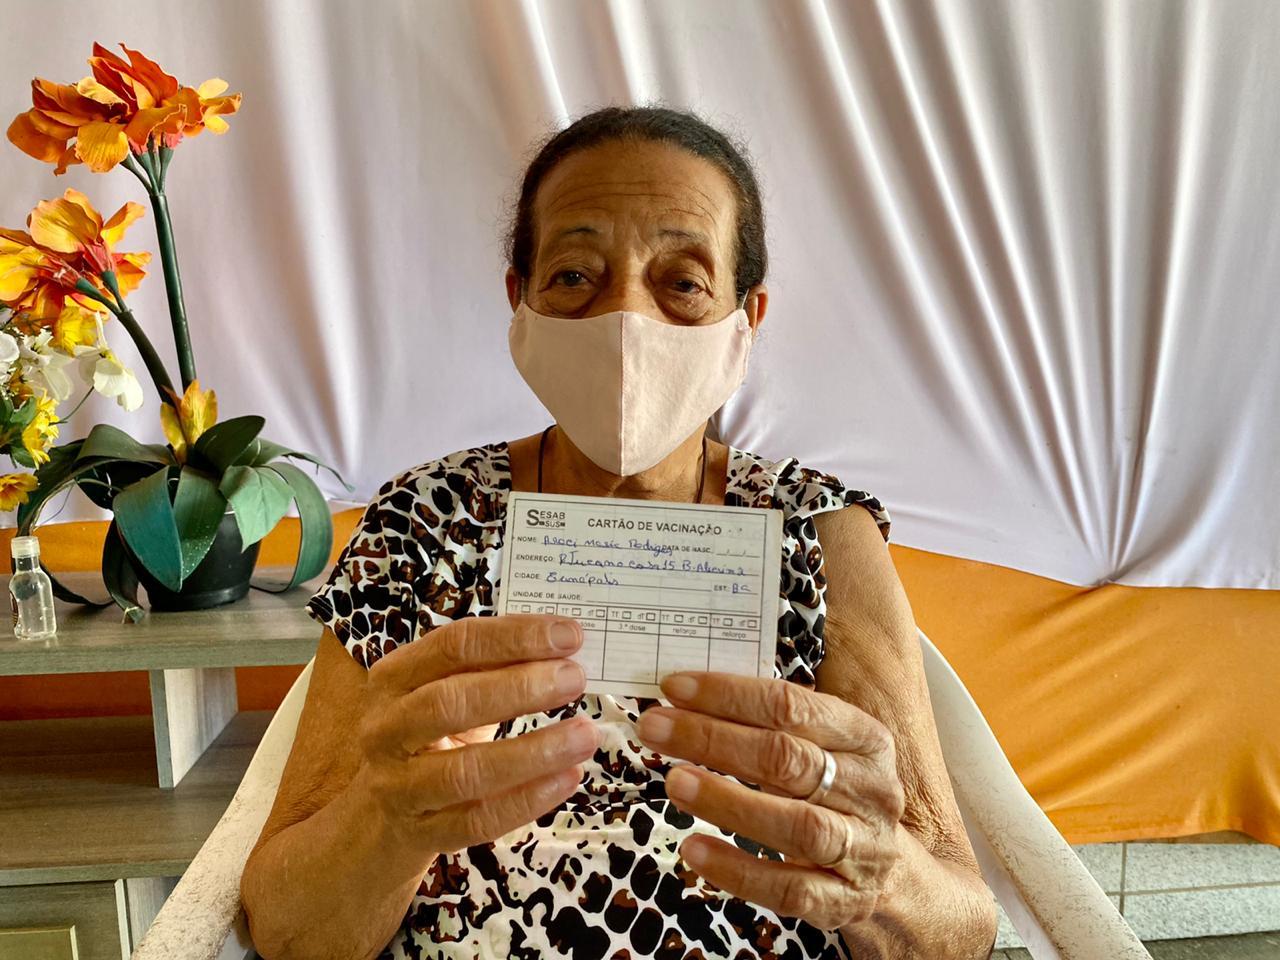 Prefeitura de Eunápolis divulga Plano de Vacinação contra Covid-19 23